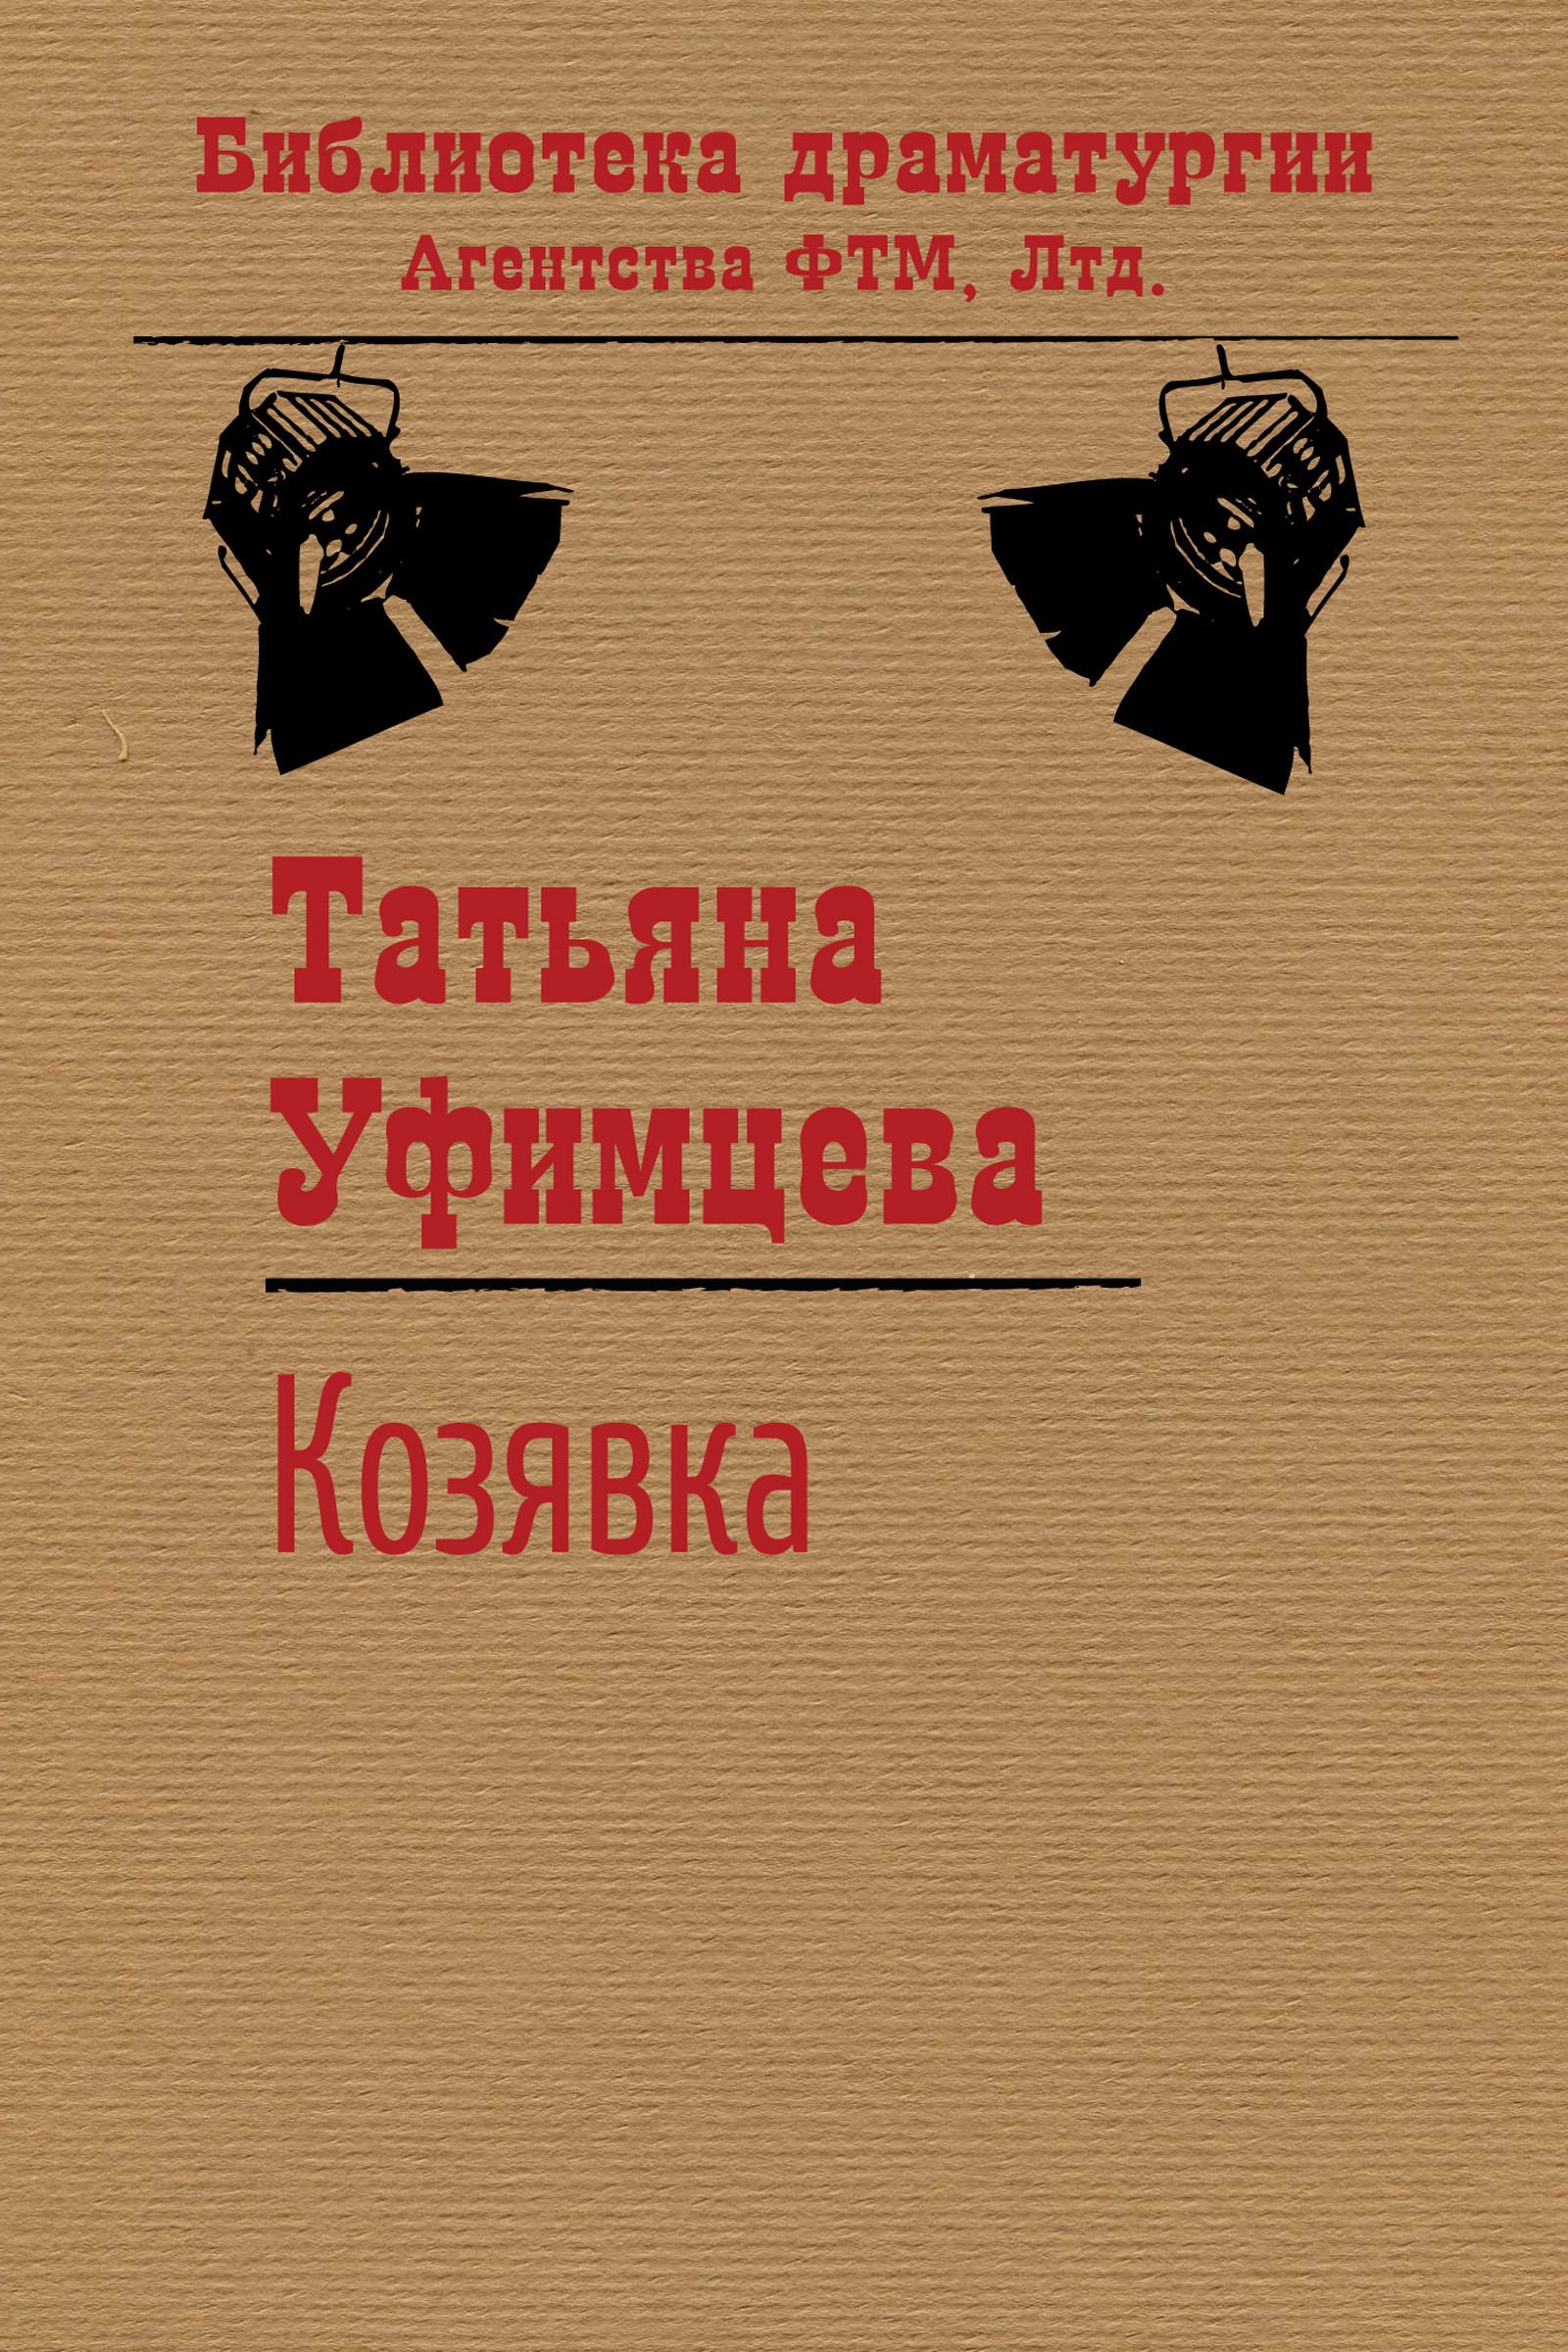 Козявка ( Татьяна Уфимцева  )